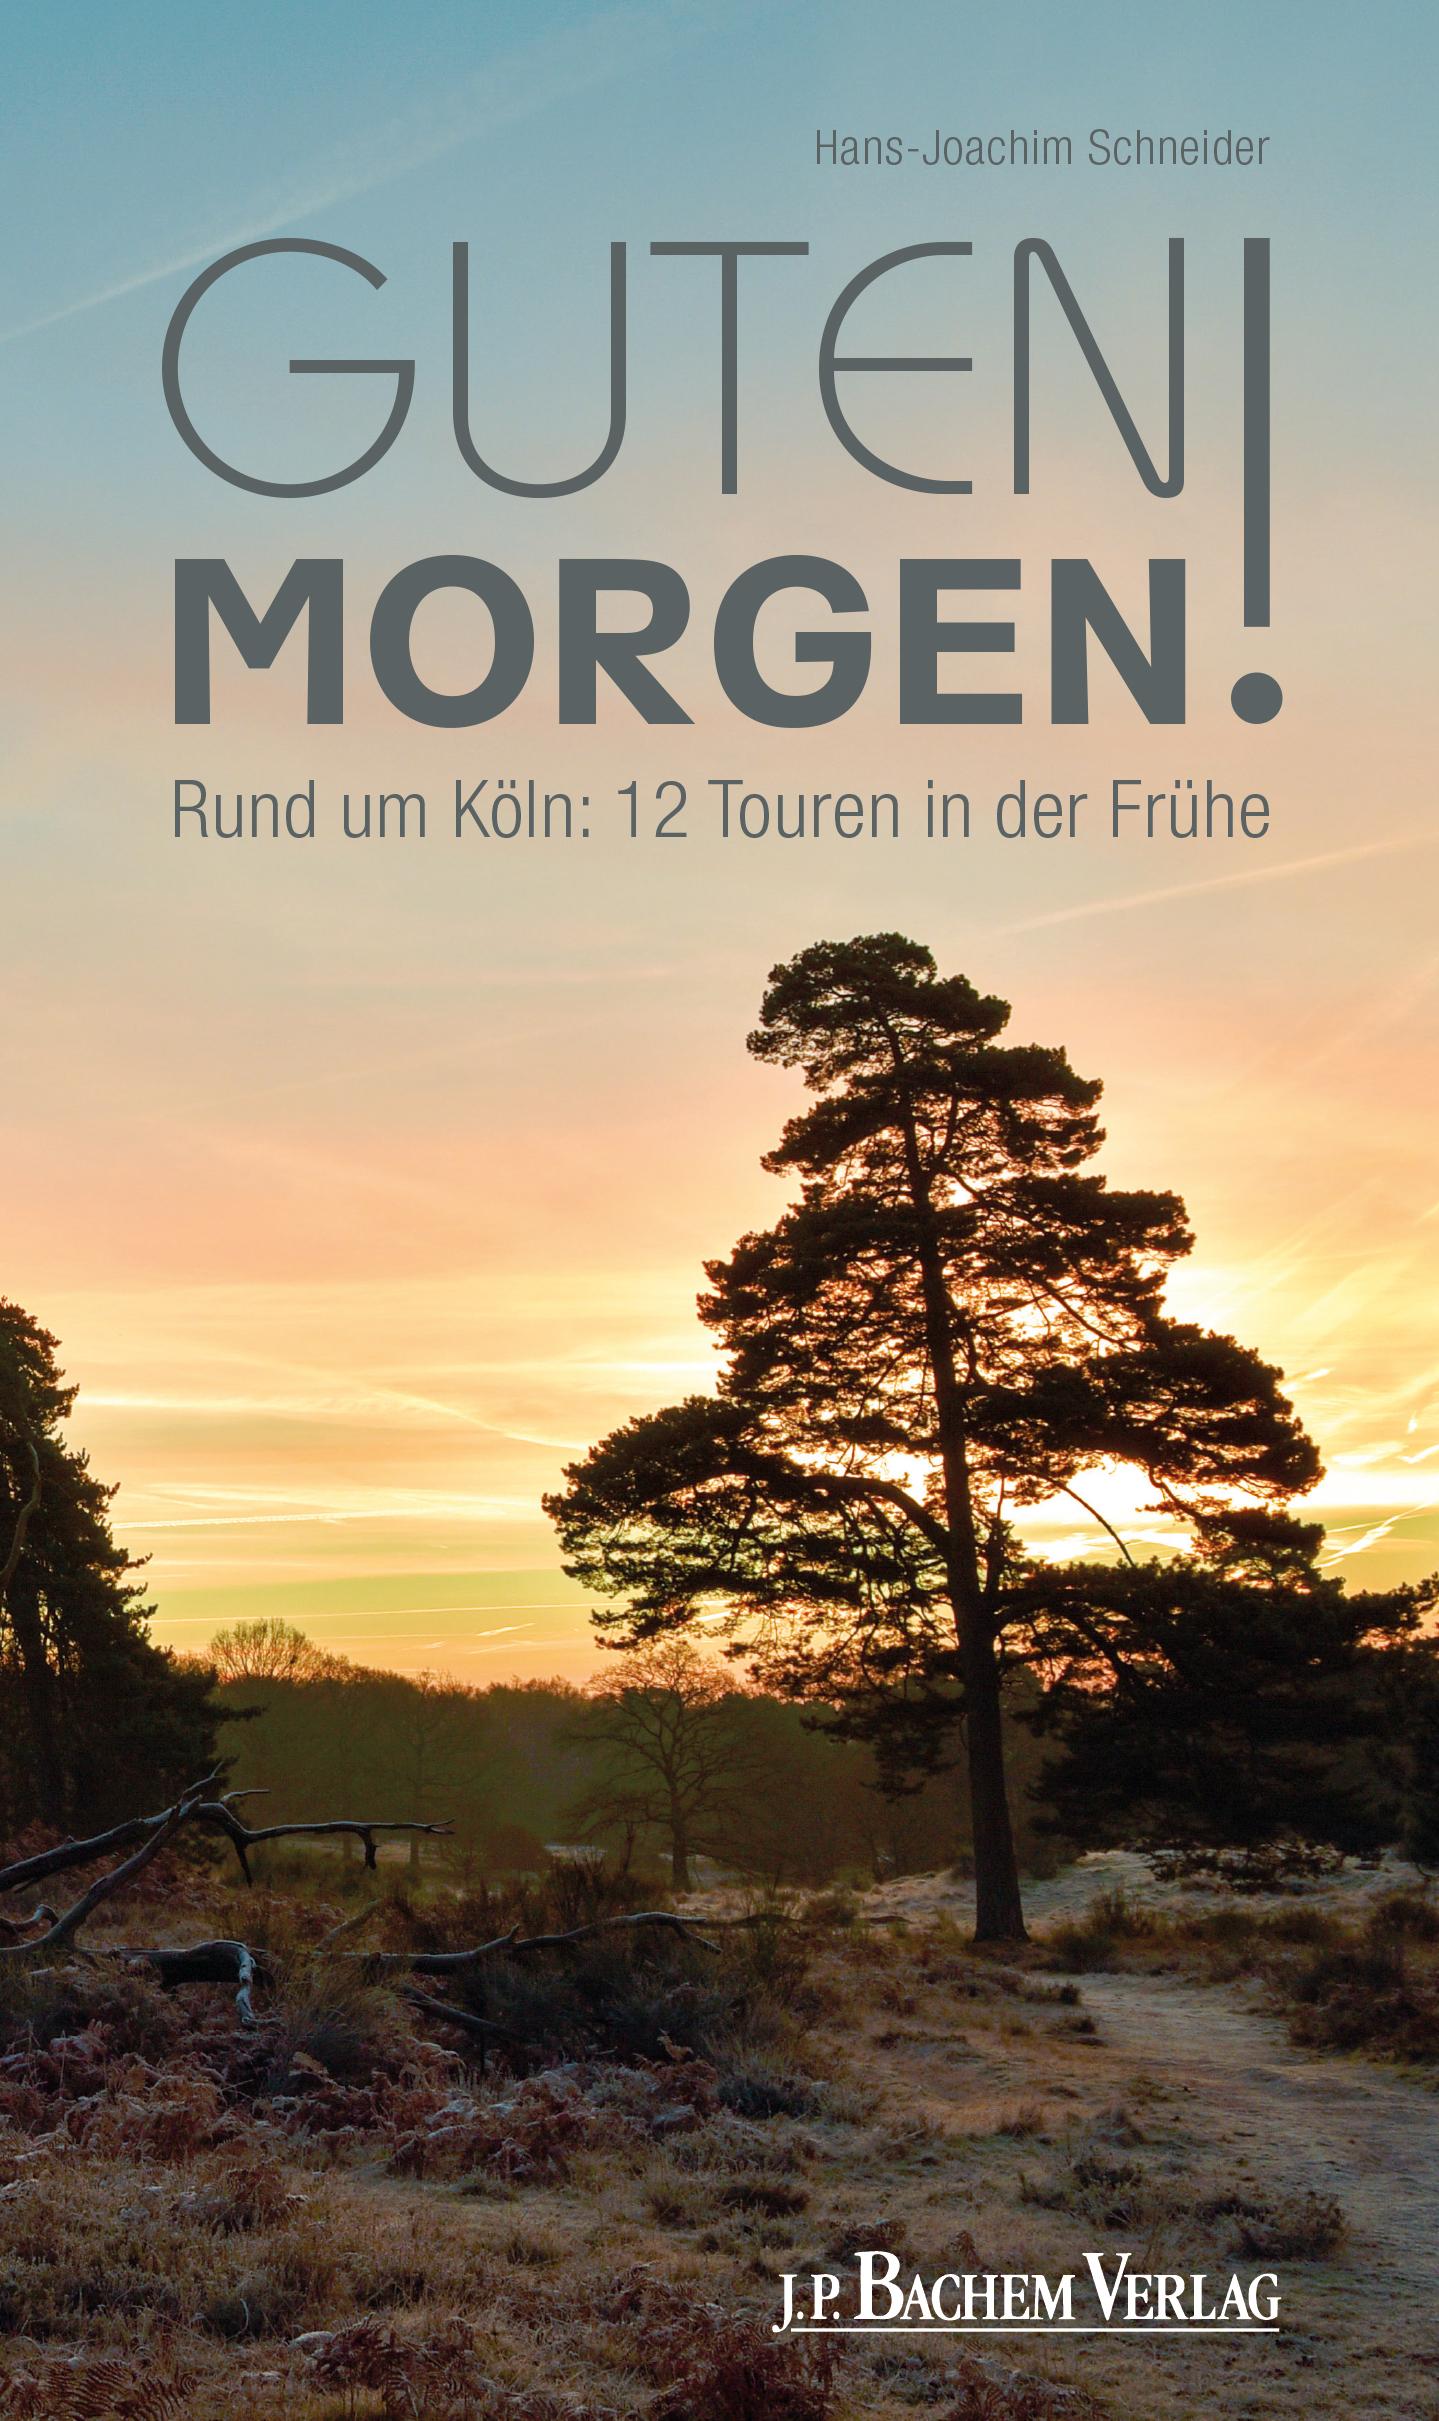 Wunderbar Wandtattoo Köln Foto Von Buch: Guten Morgen - Rund Um Köln